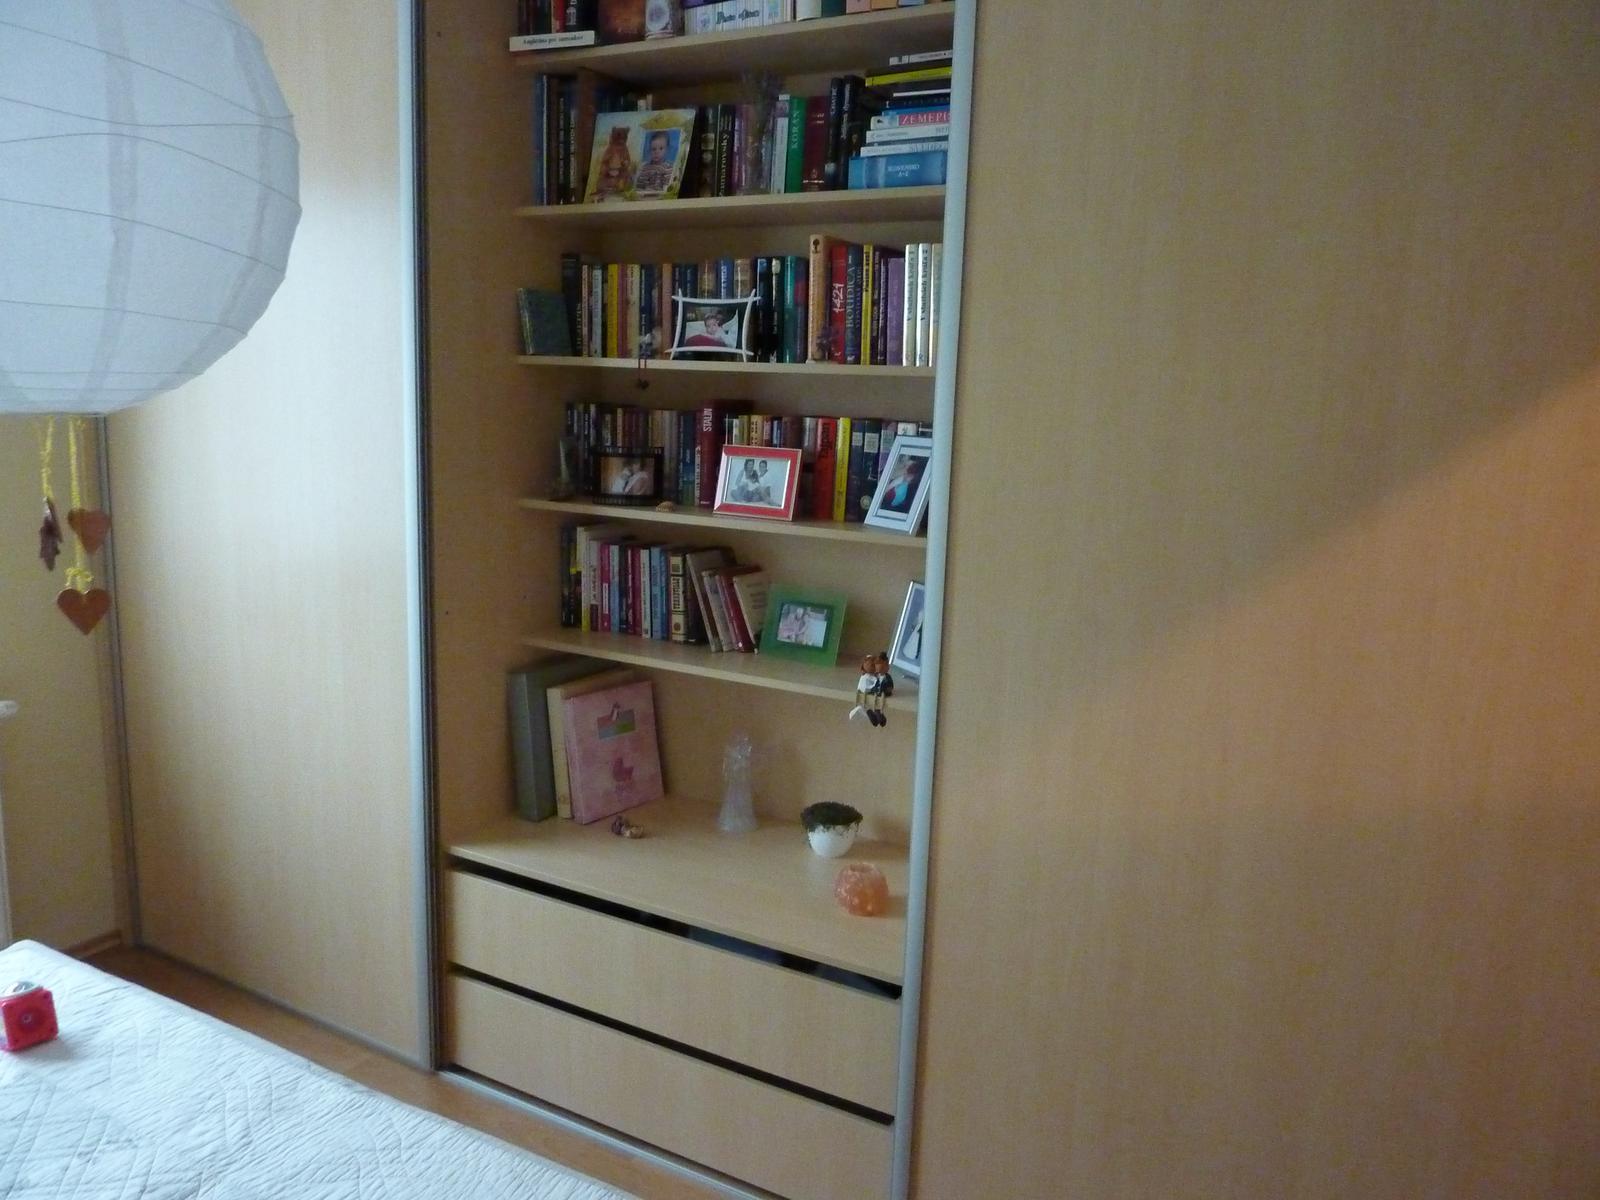 Realizácie vstavané skrine, schody a iný nábytok - stolárstvo Valuška - vstavaná skriňa do spálne s otvorenou časťou